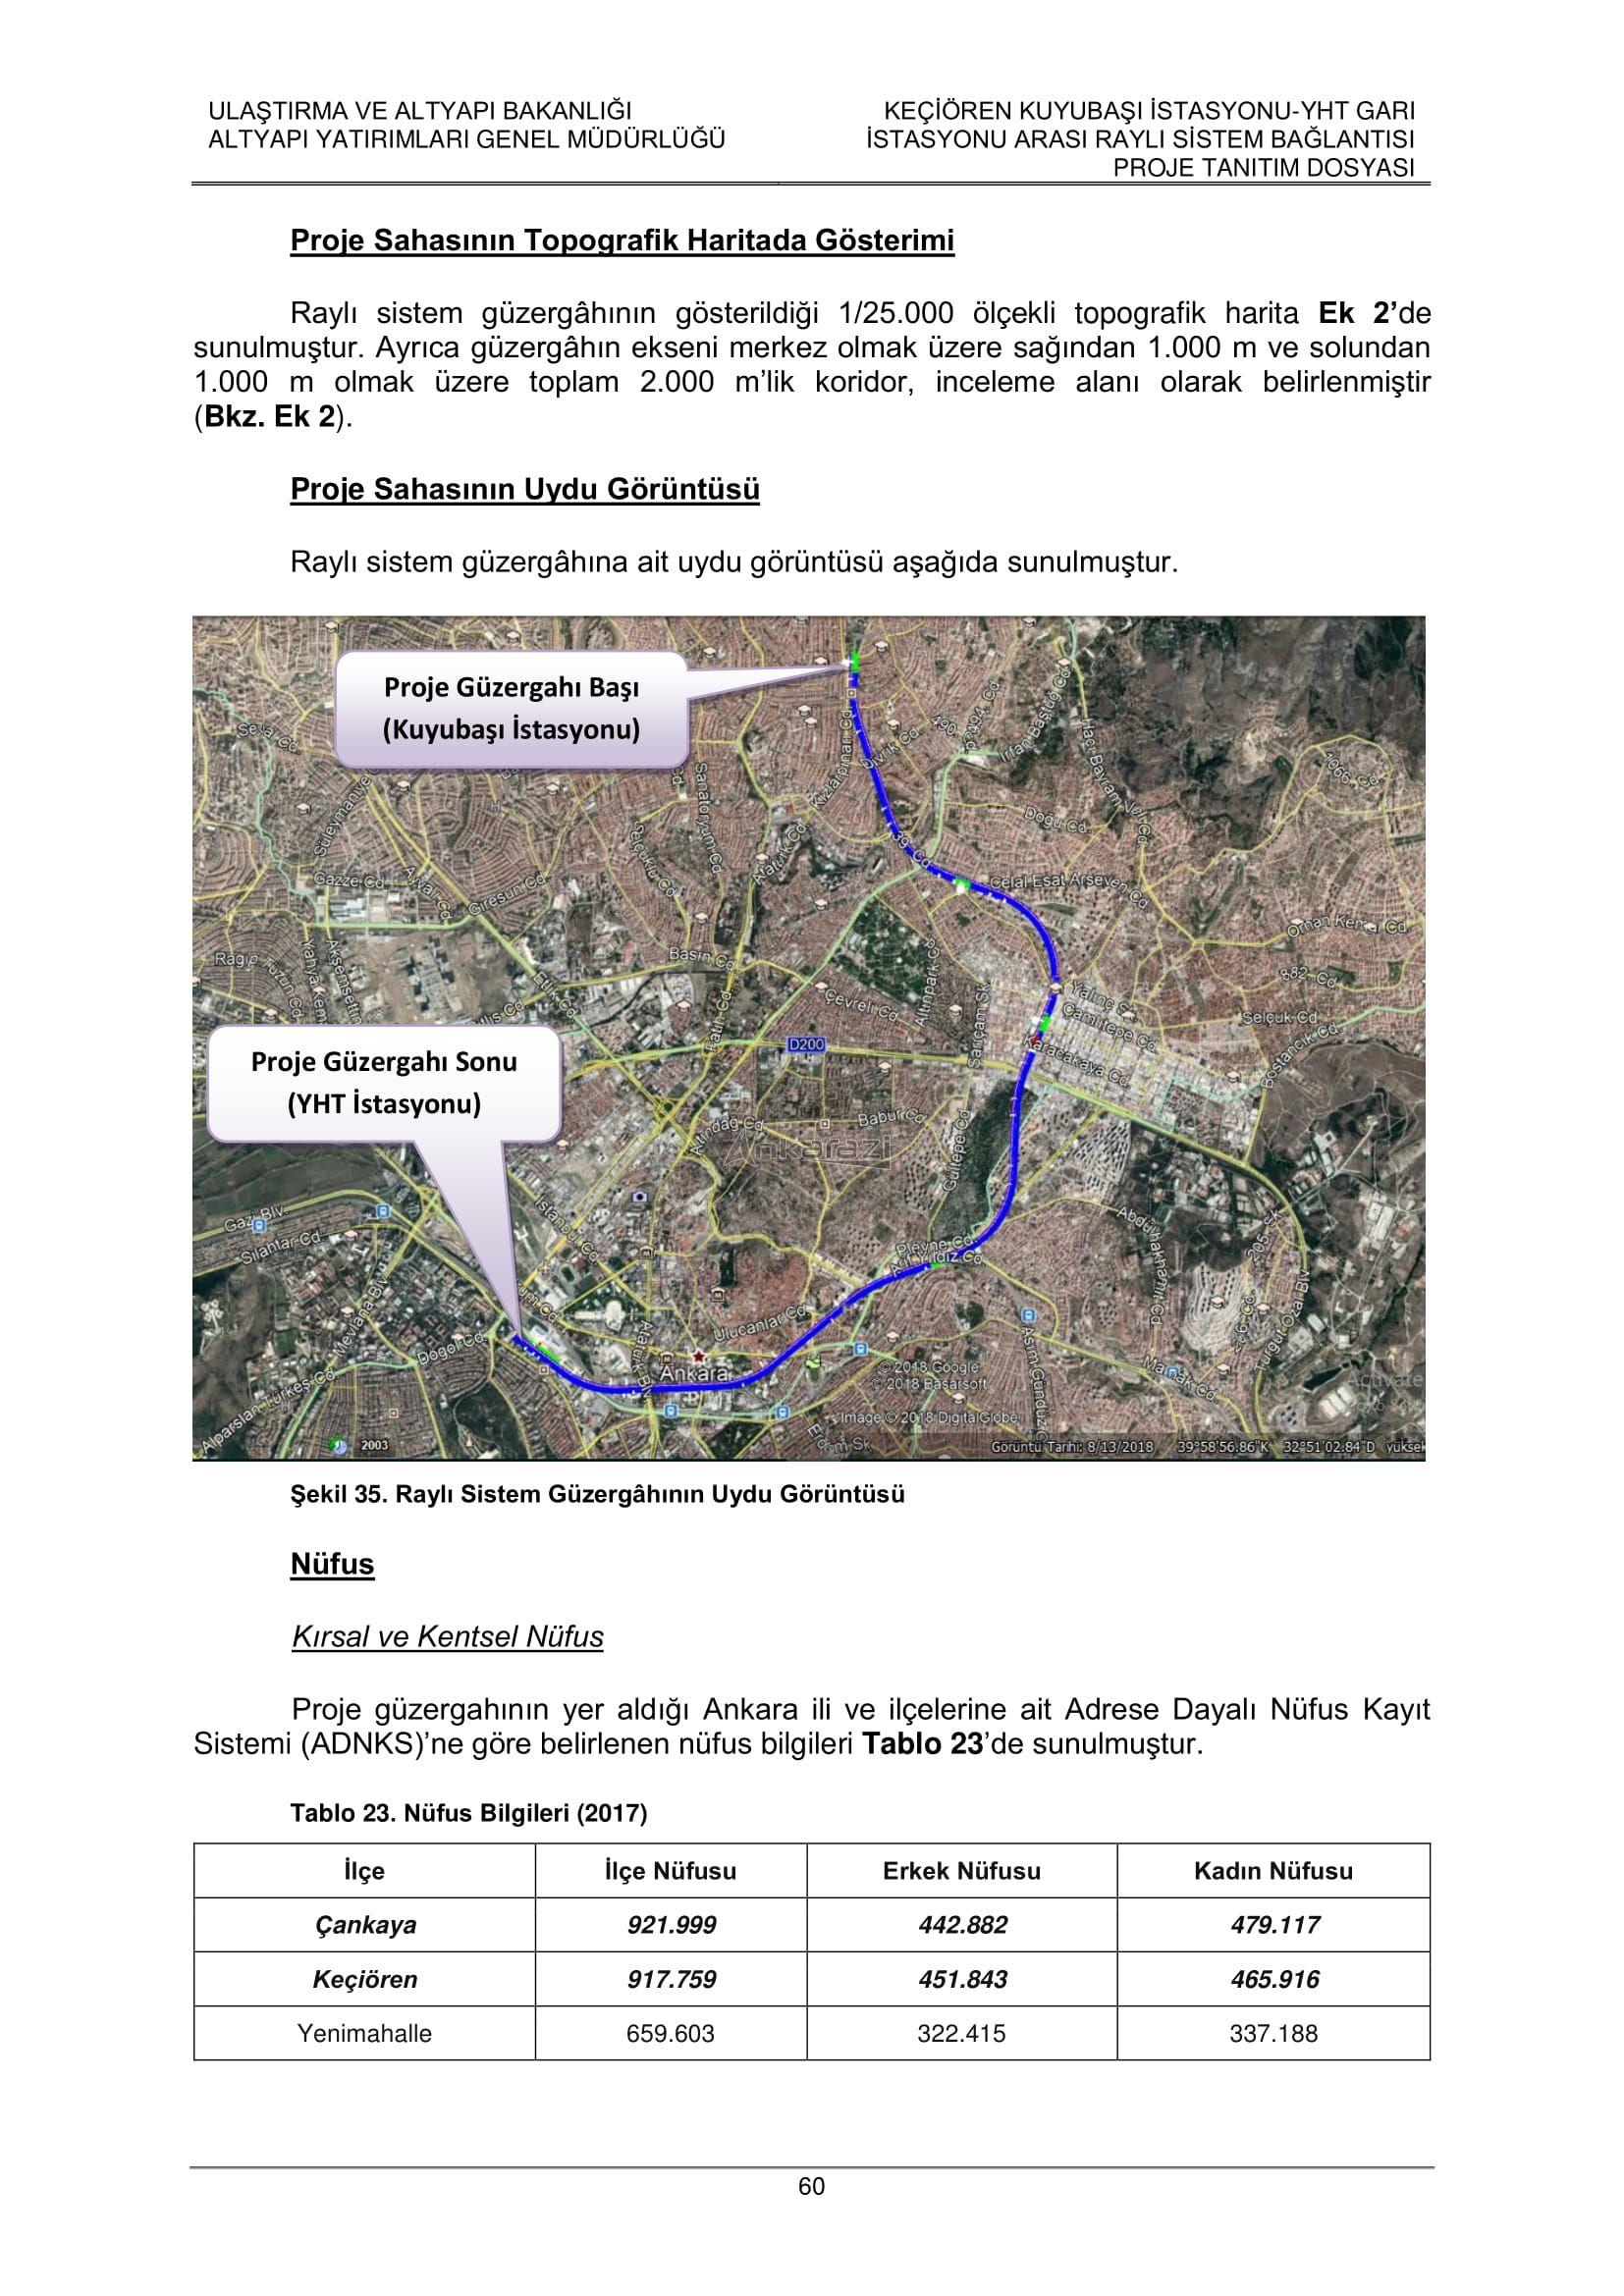 Keçiören-Siteler-YHT Garı Metro Hattı, Nihai Proje Dosyası... 3703